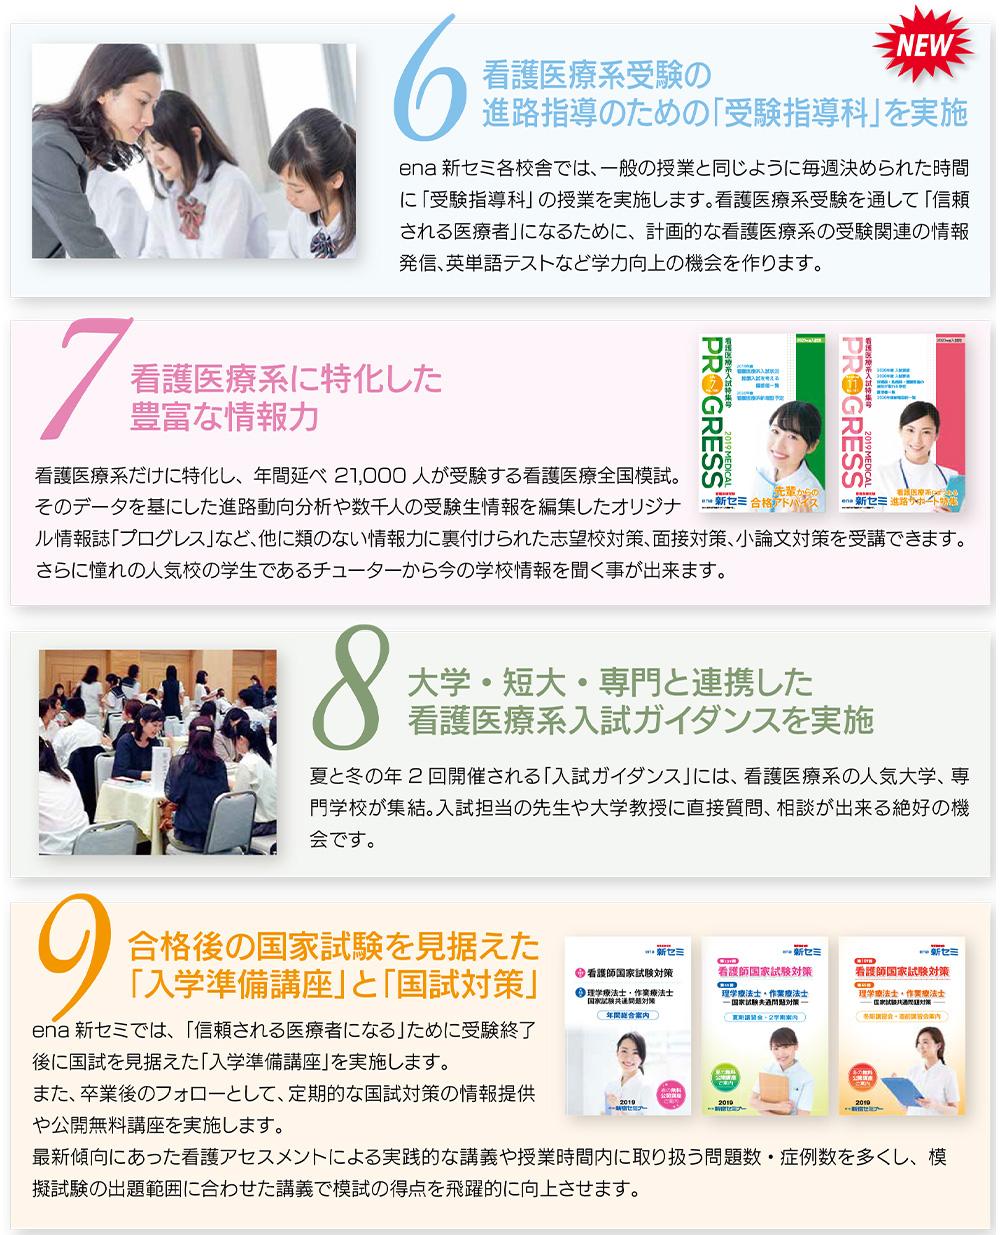 9つの特徴